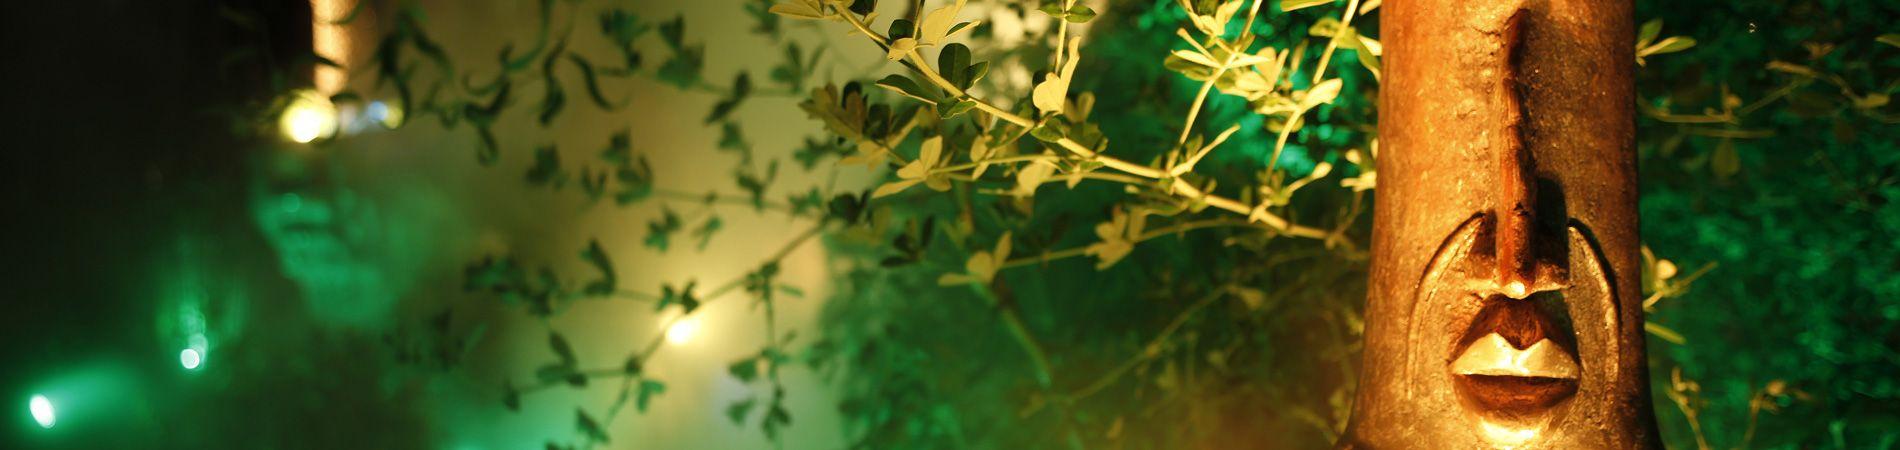 La magia de las luces de JN Shoemaker en los jardines de Les Grands Buffets